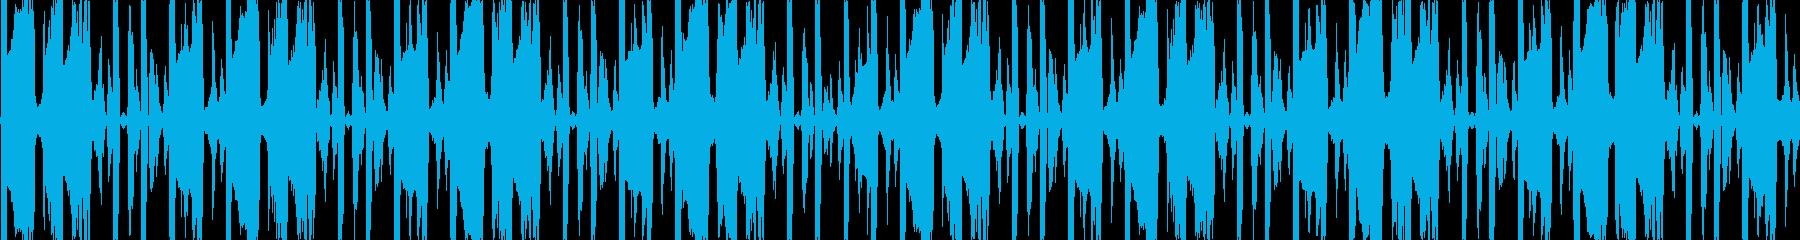 明るいトランス・EDM風BGMです。の再生済みの波形